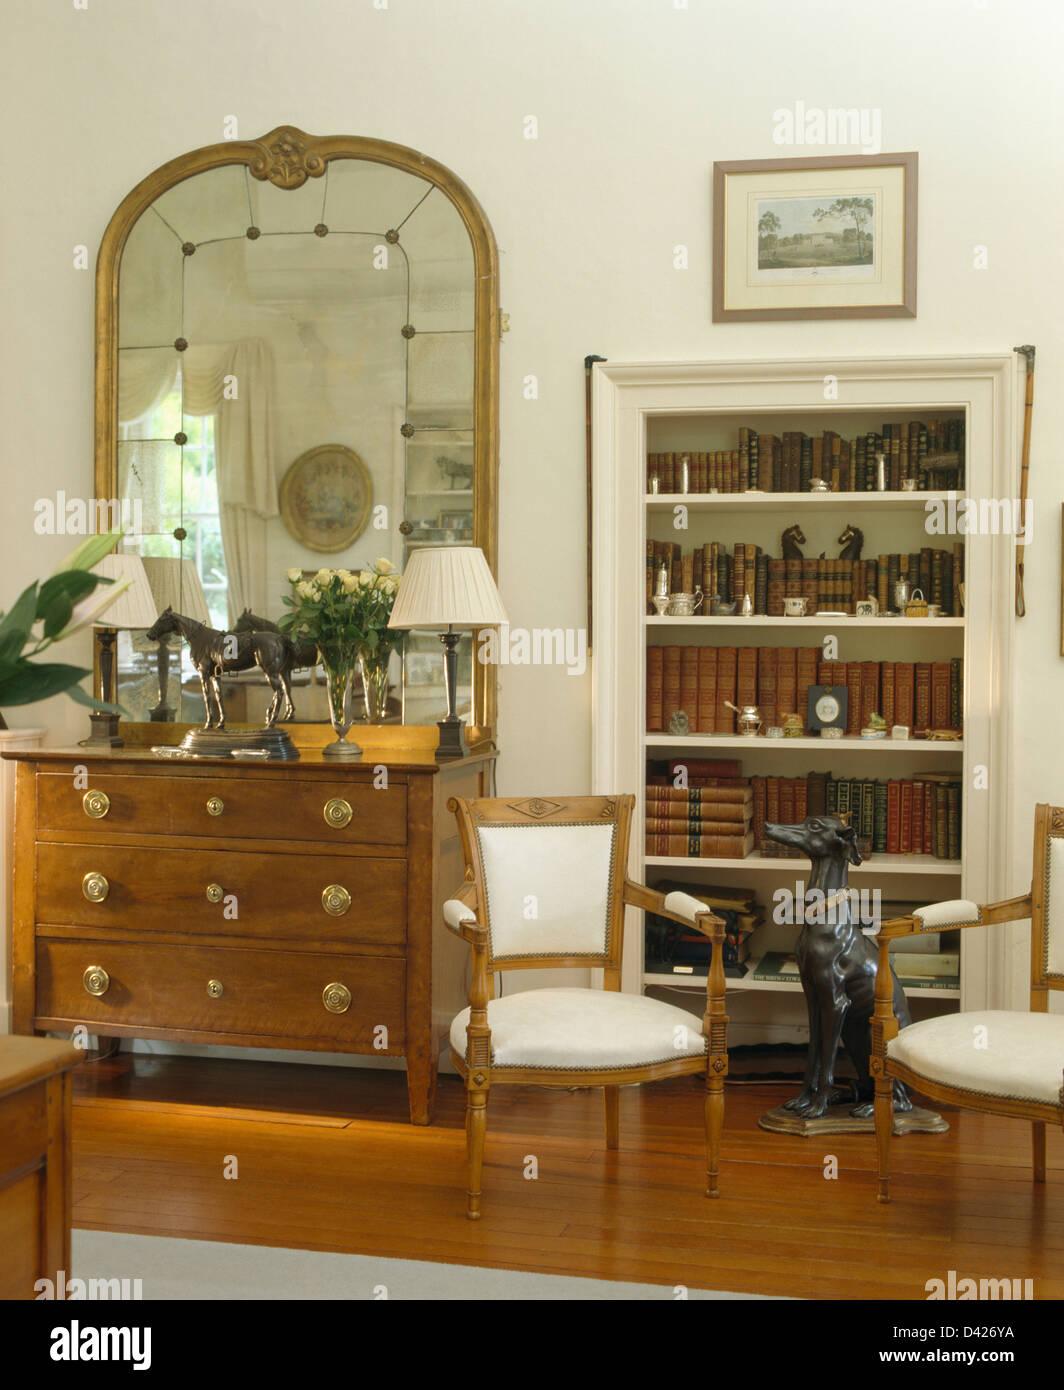 grand miroir au dessus de commode en pays sejour avec alcove et d etageres de haut statue de chien assis